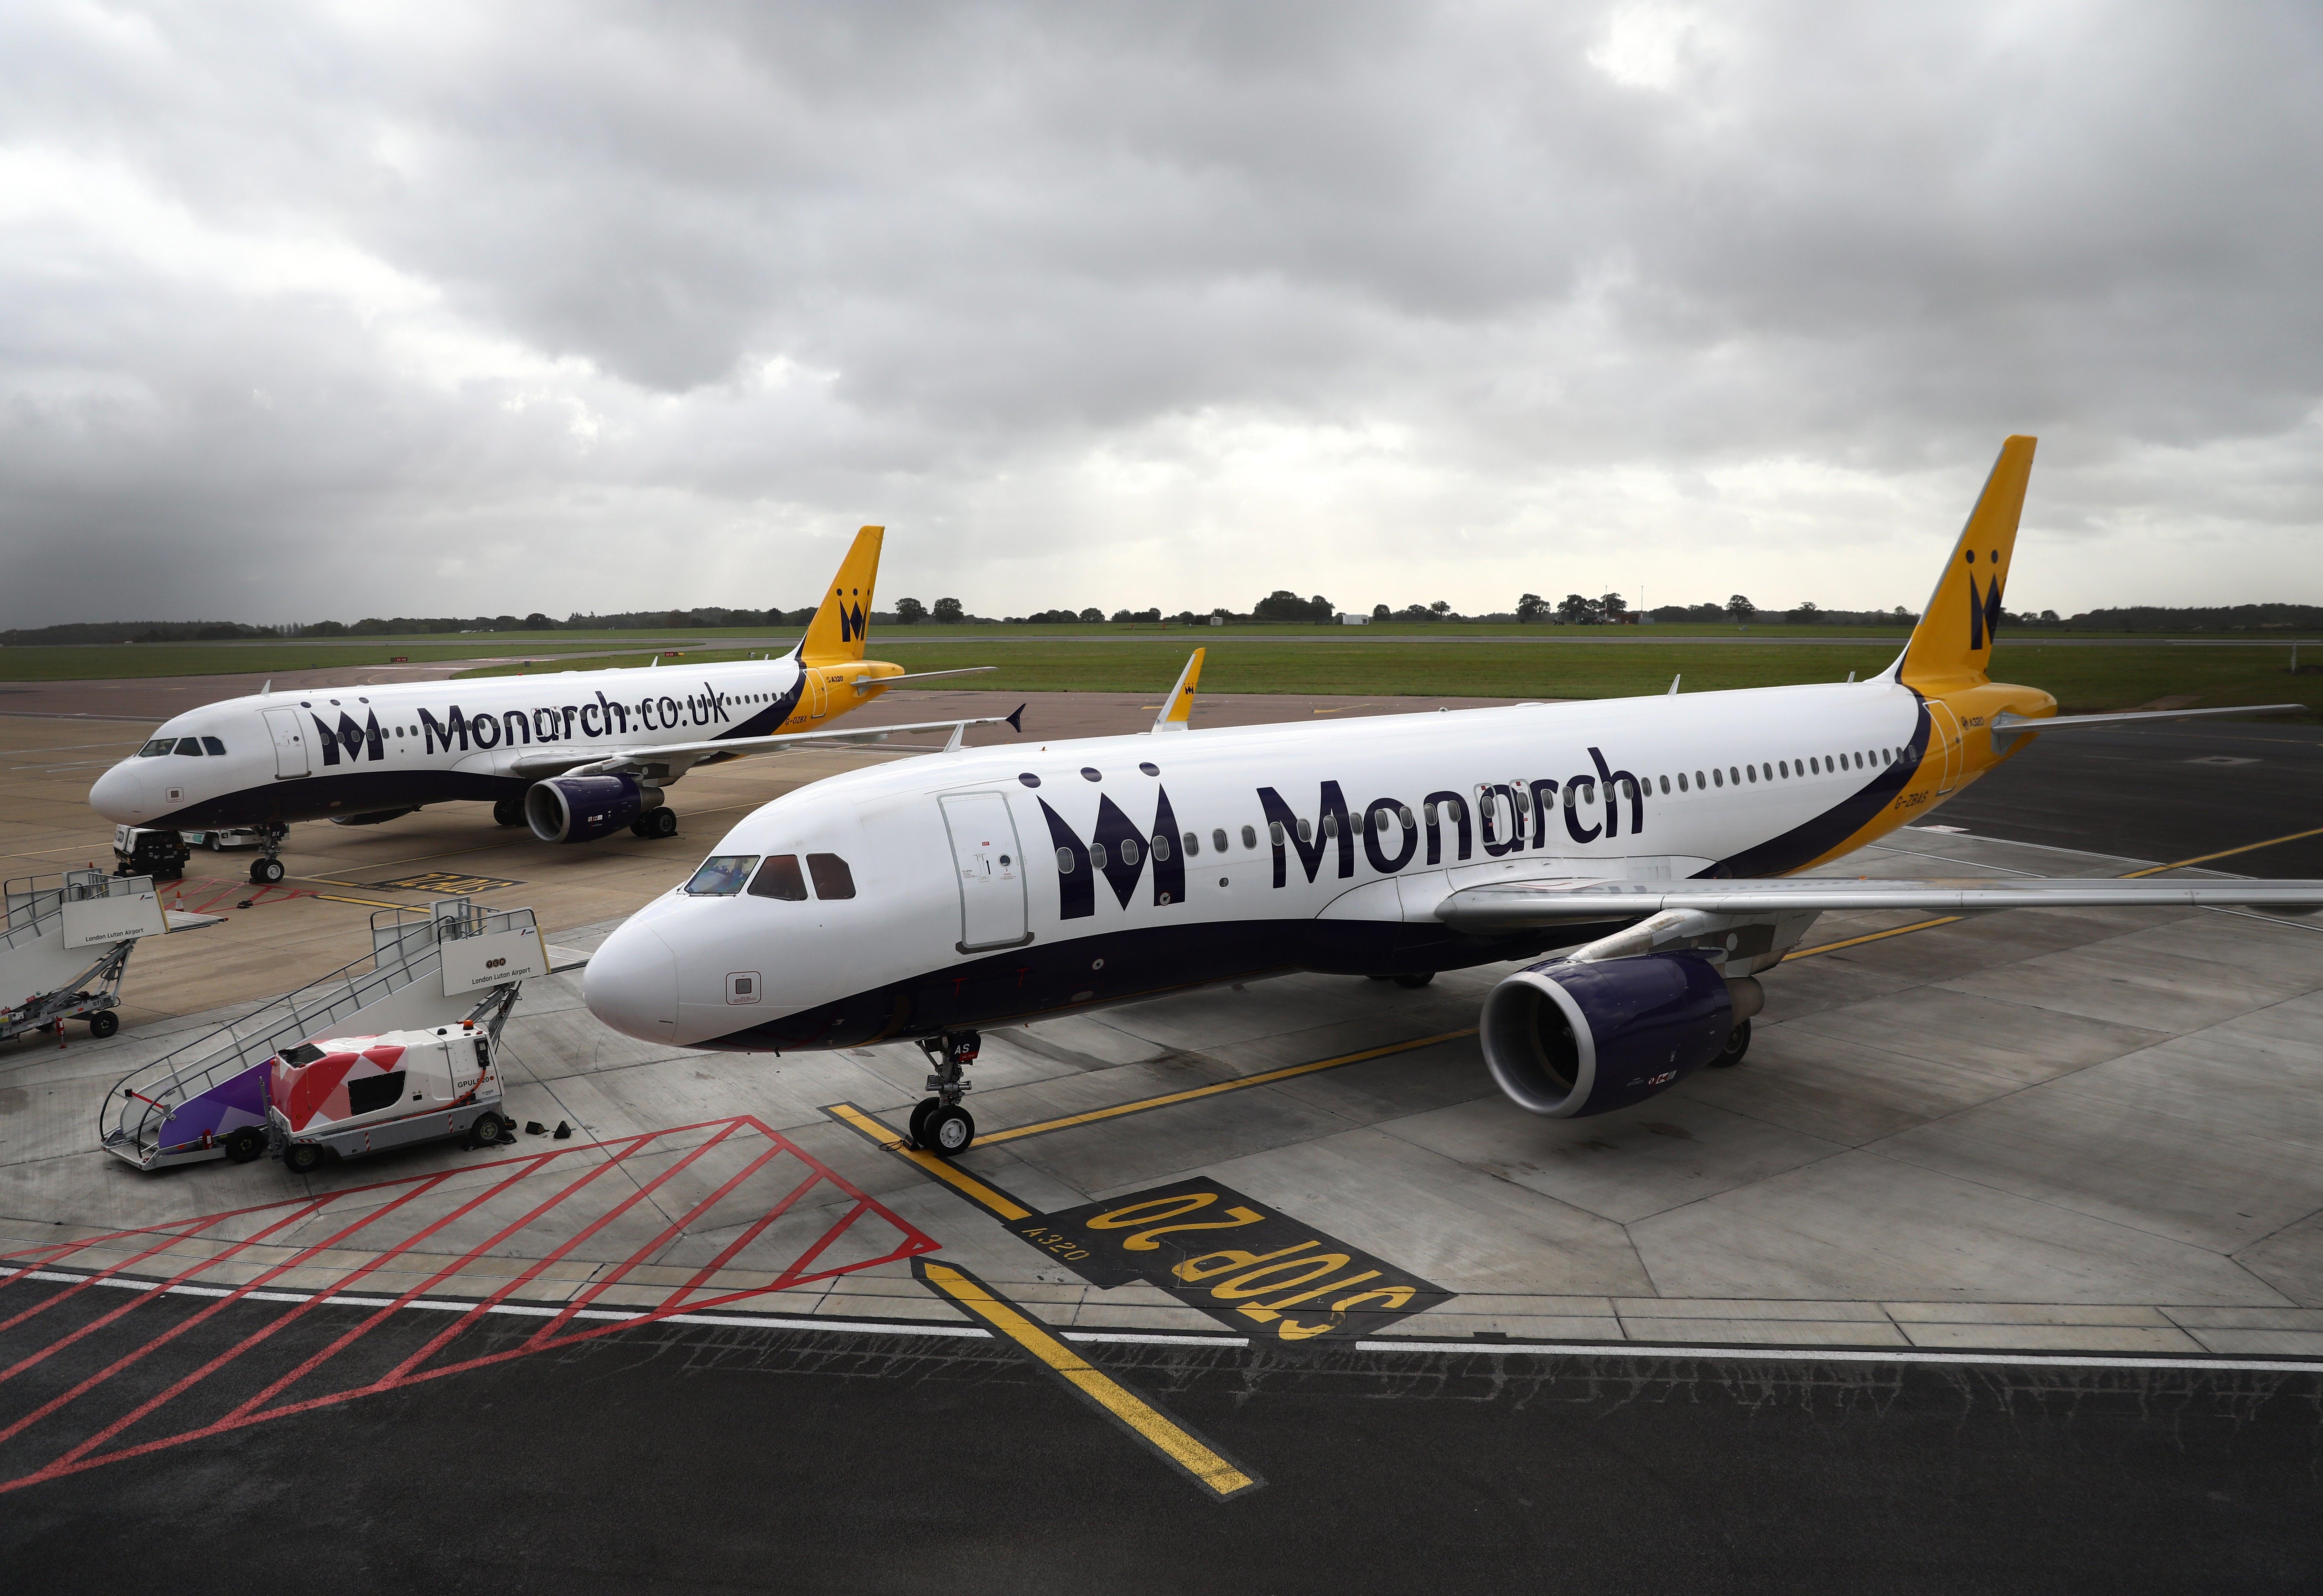 Aérea britânica Monarch quebra e deixa 110 mil passageiros sem voo